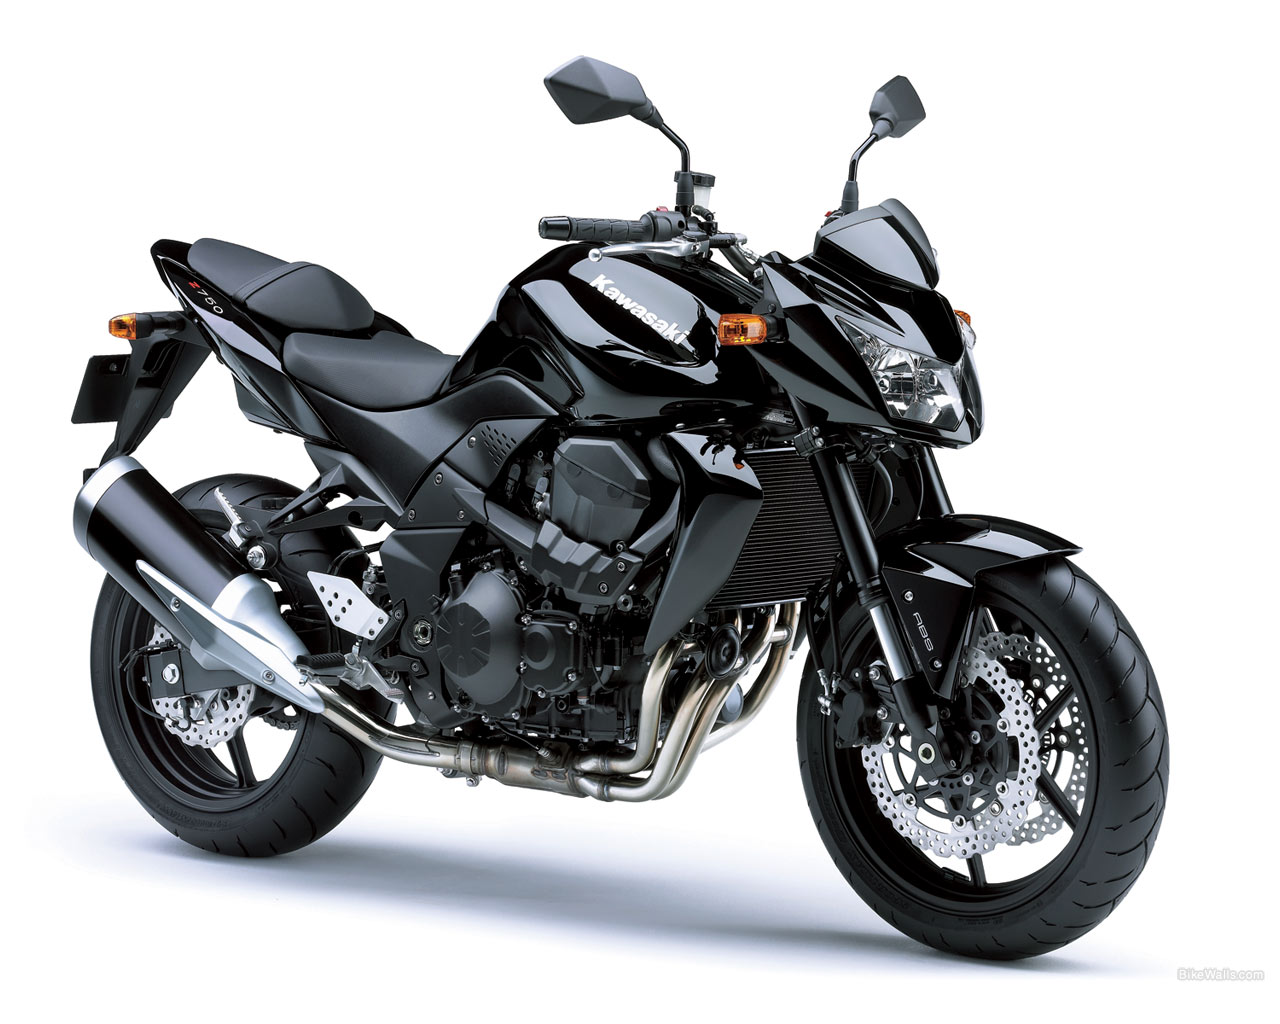 z750 motos modificadas tuning nuevas accesorios kawasaki. Black Bedroom Furniture Sets. Home Design Ideas